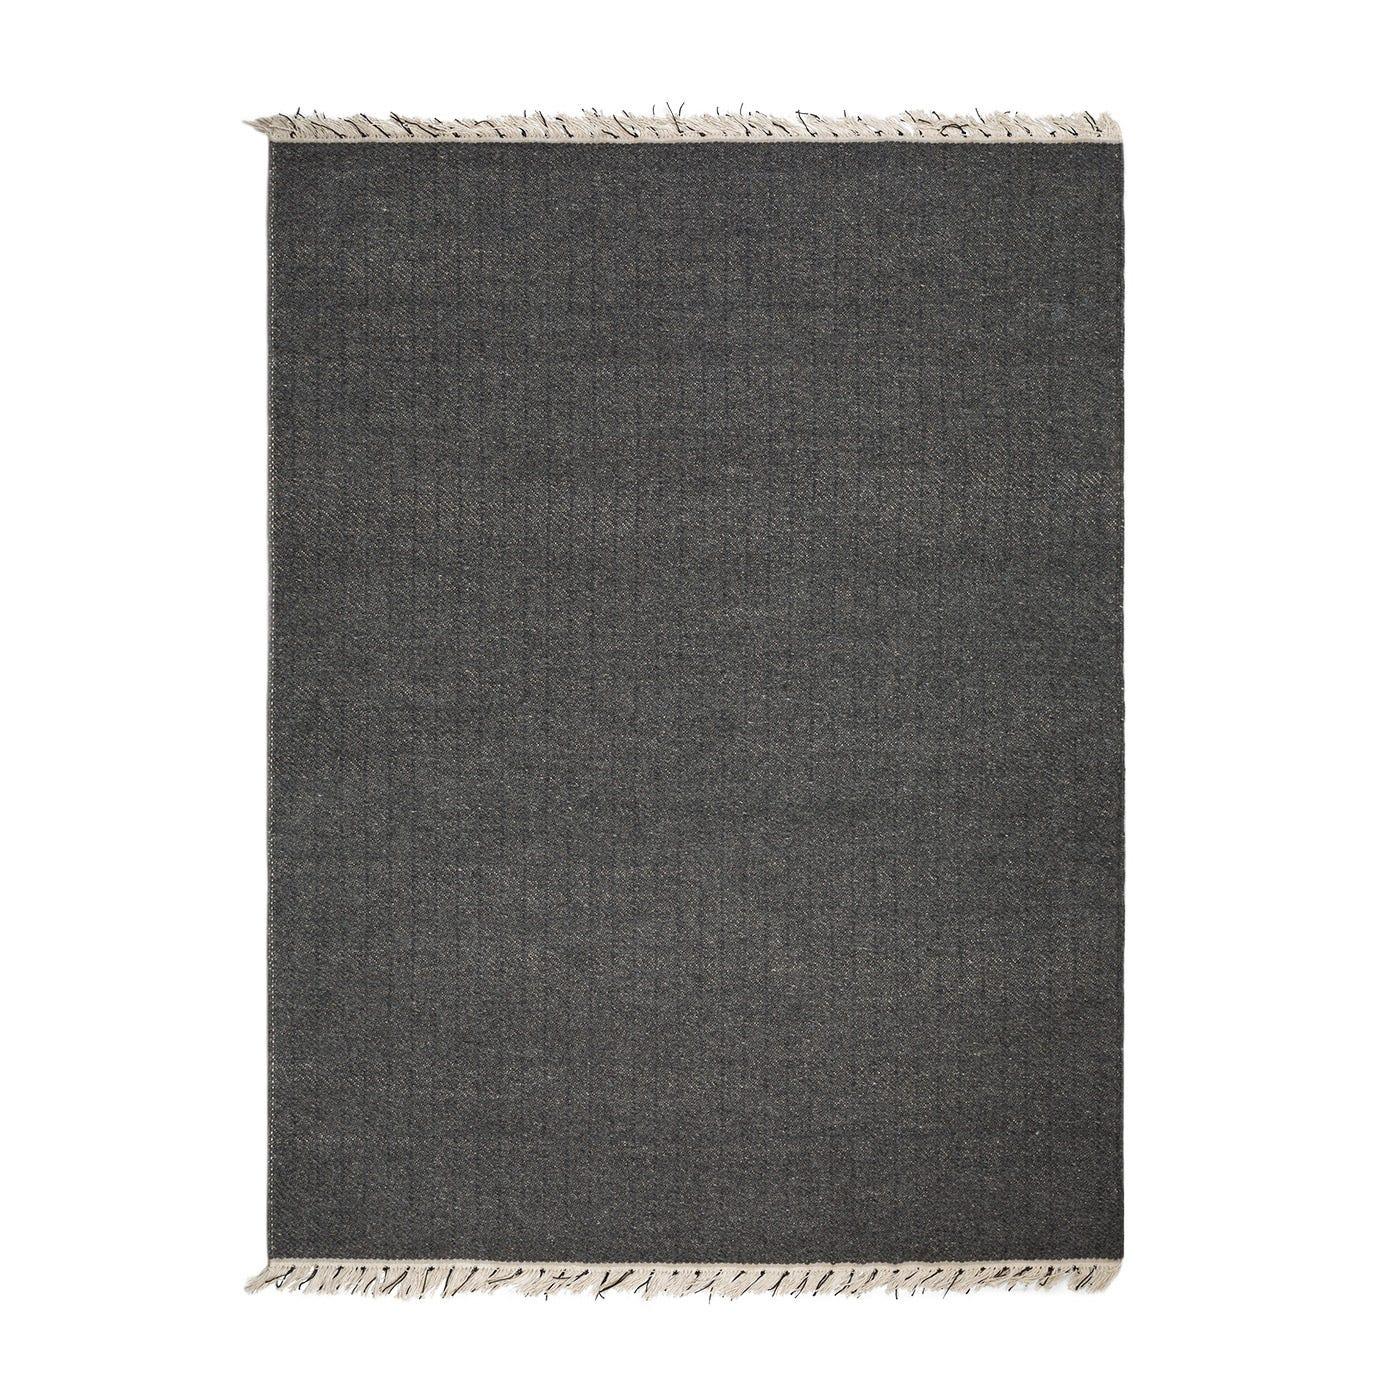 Menda Rug Light Grey